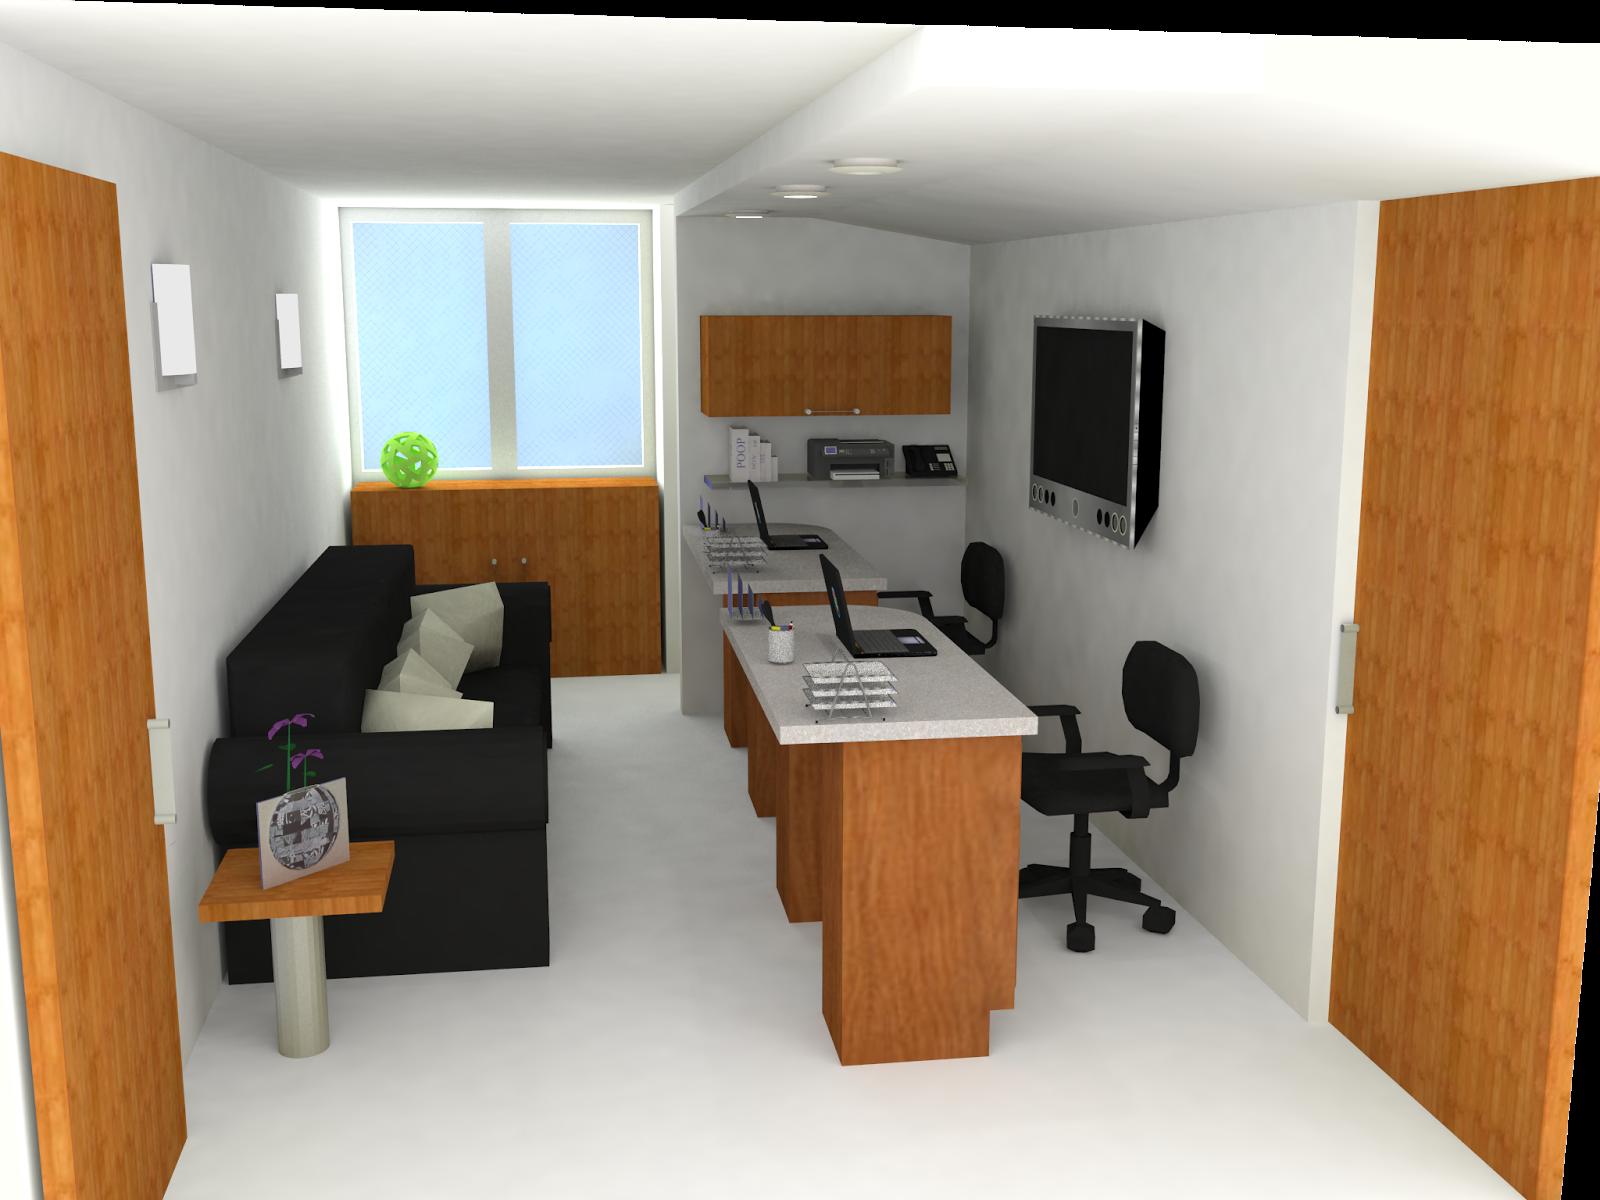 Dise os de oficinas dise o interiorismo construccion for Unas para oficina